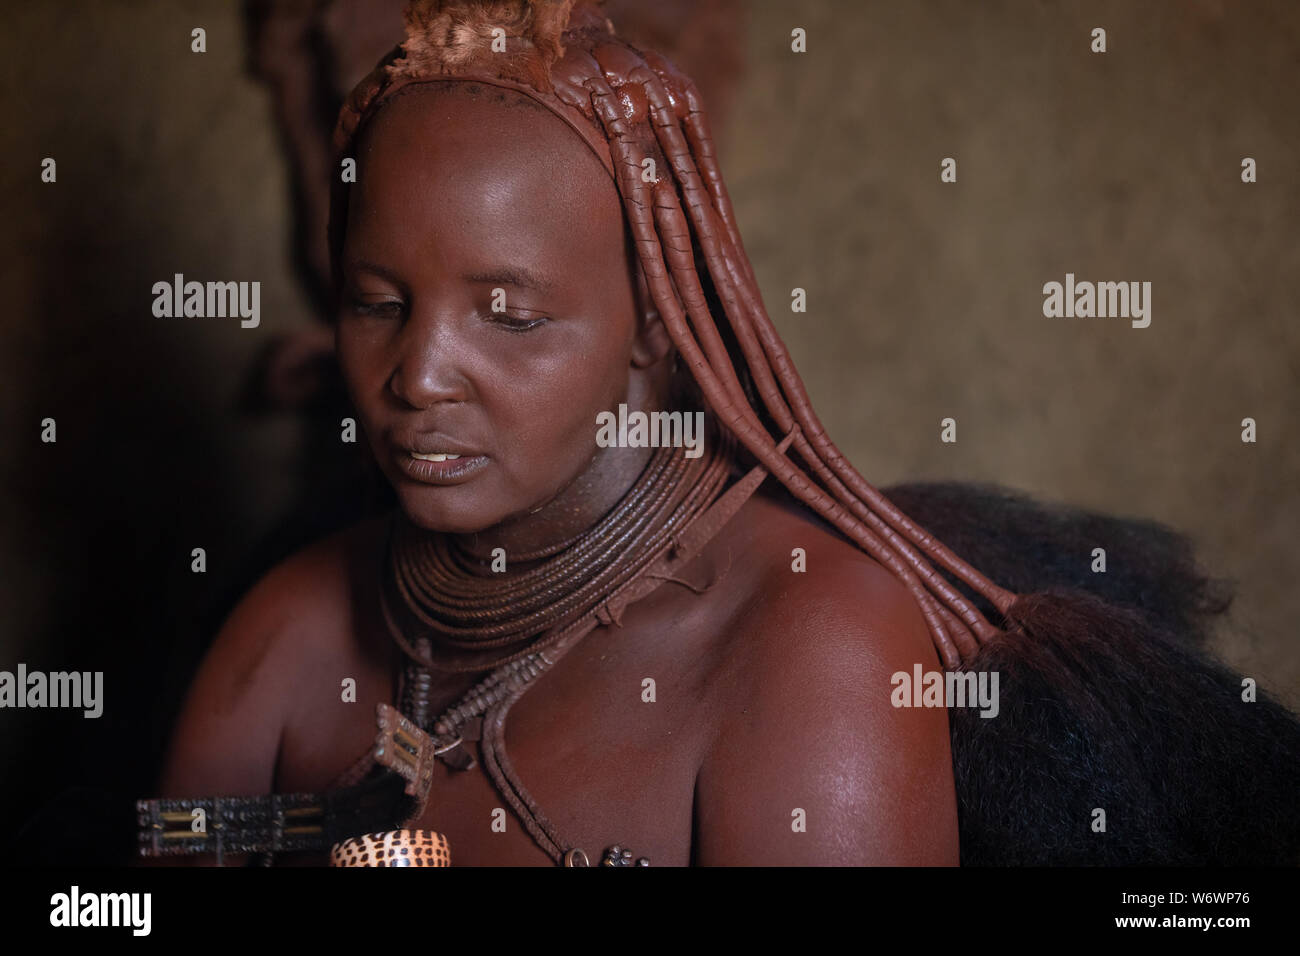 Opuwe, Namibie - Juillet 12, 2019: Une tribu Himba traditionnel portrait femme sombre dans sa cabane de torchis. Banque D'Images